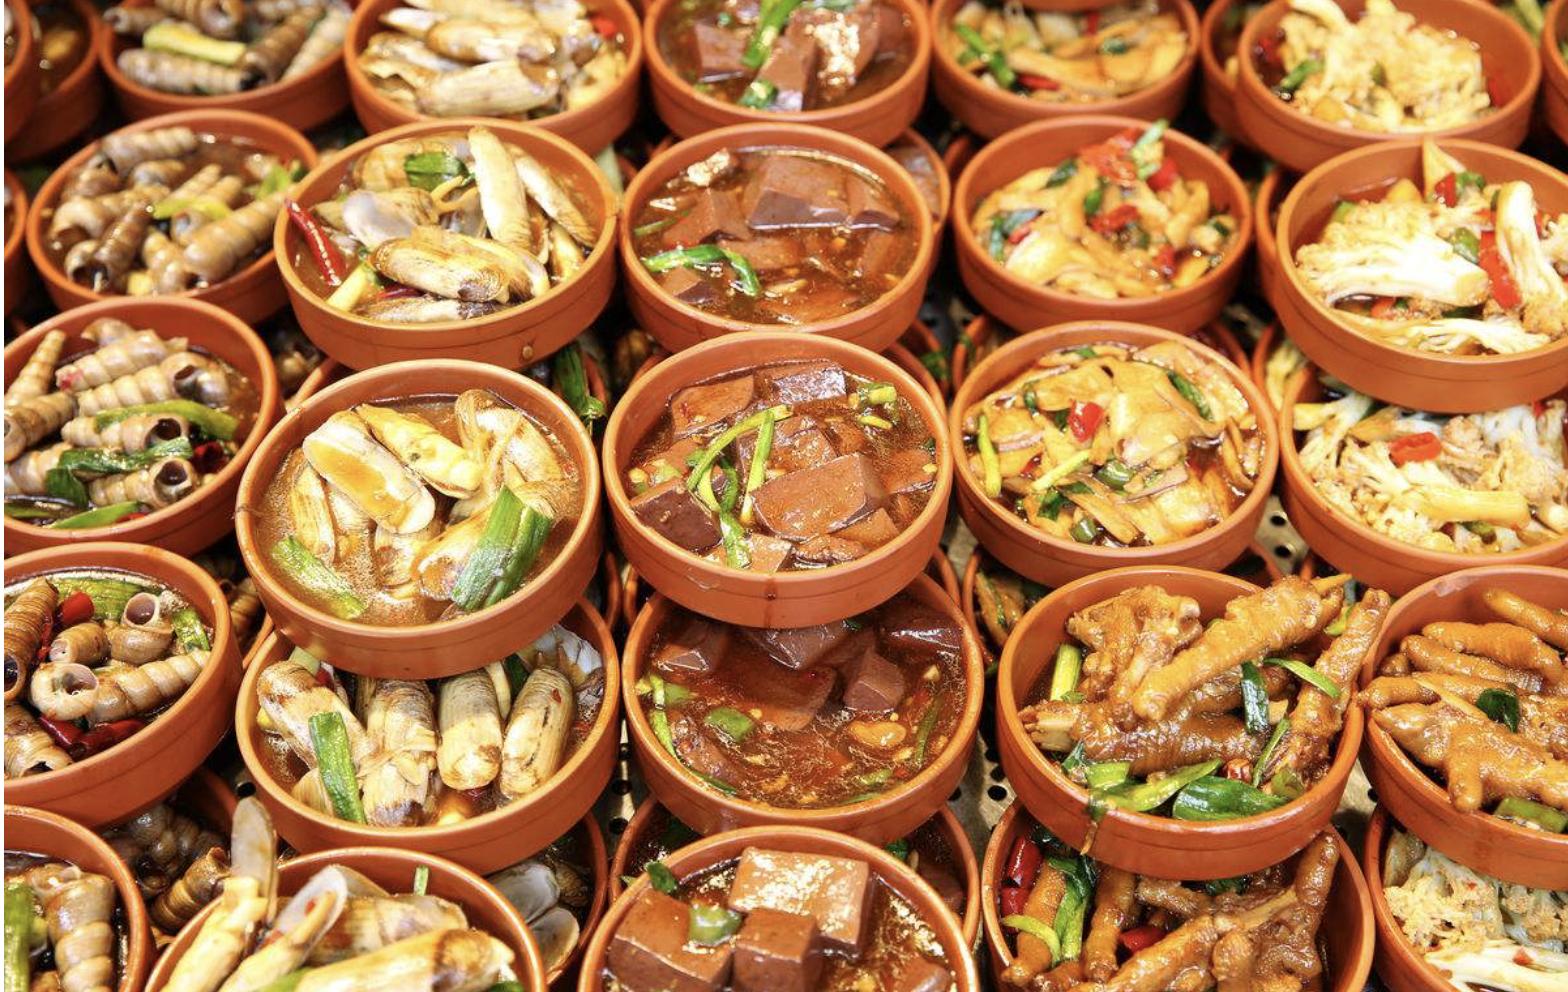 中国哪里的人最会吃?我只能说每个地方的人都很会吃